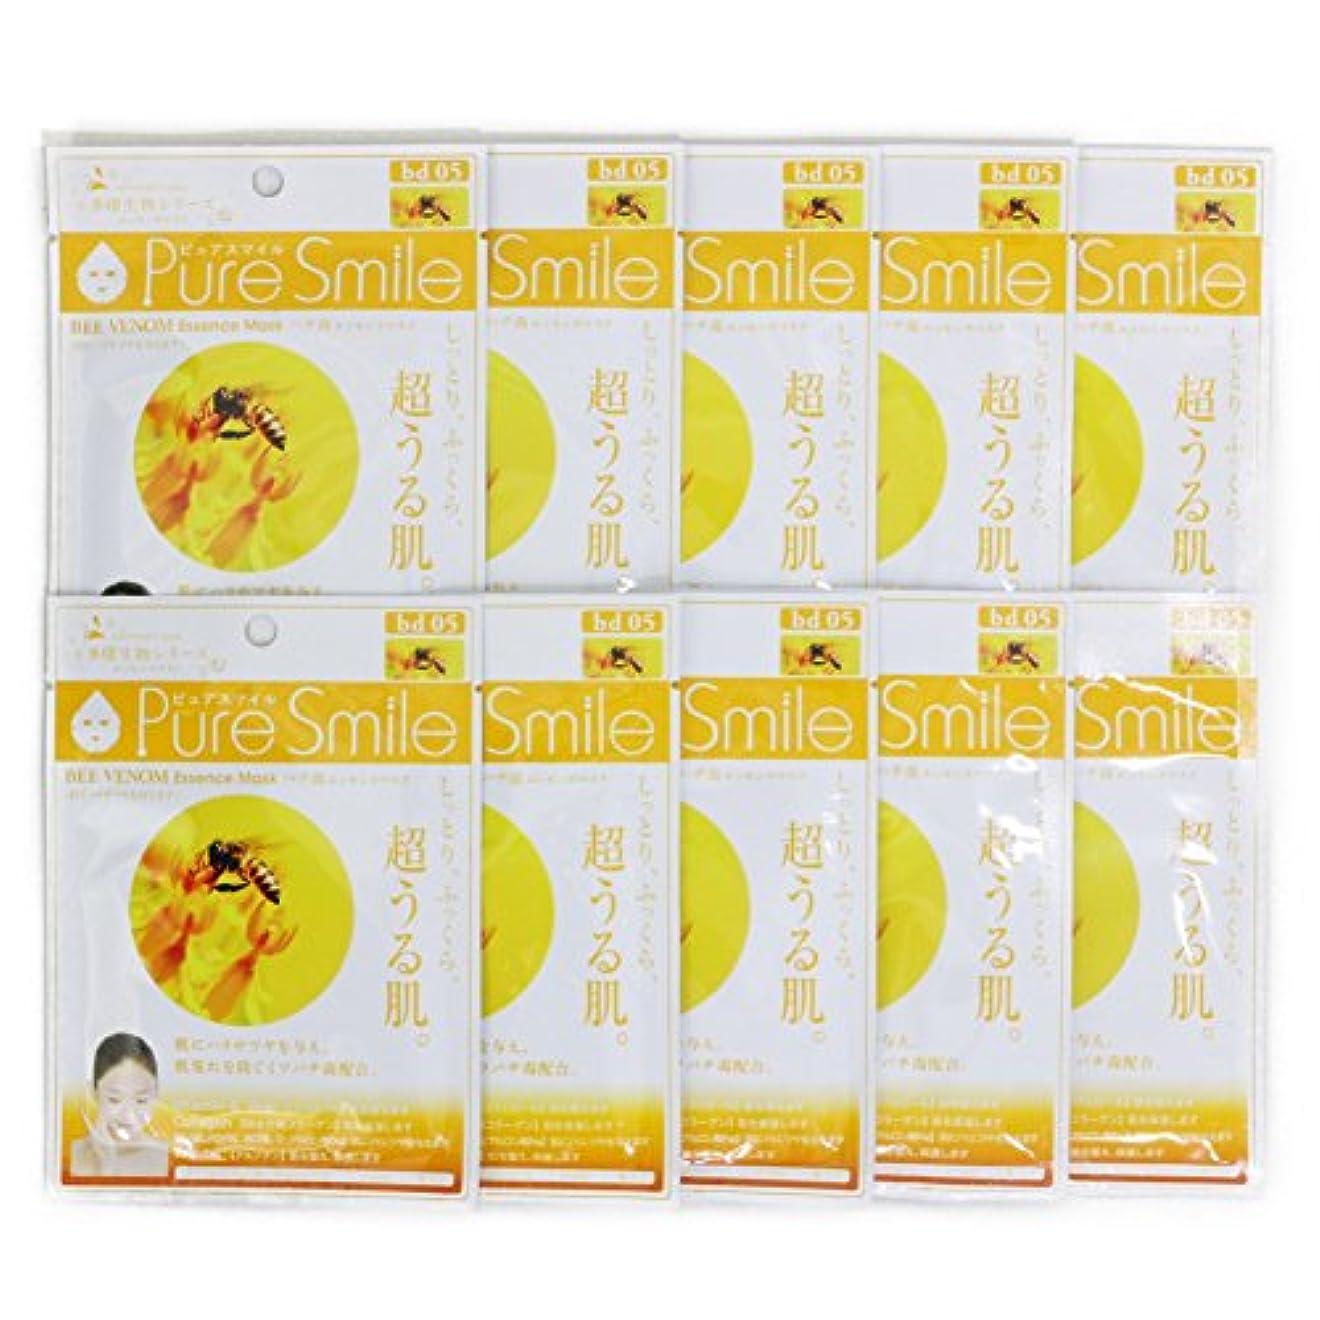 つぼみ有毒かごPure Smile ピュアスマイル 多様生物エッセンスマスク ハチ毒 10枚セット